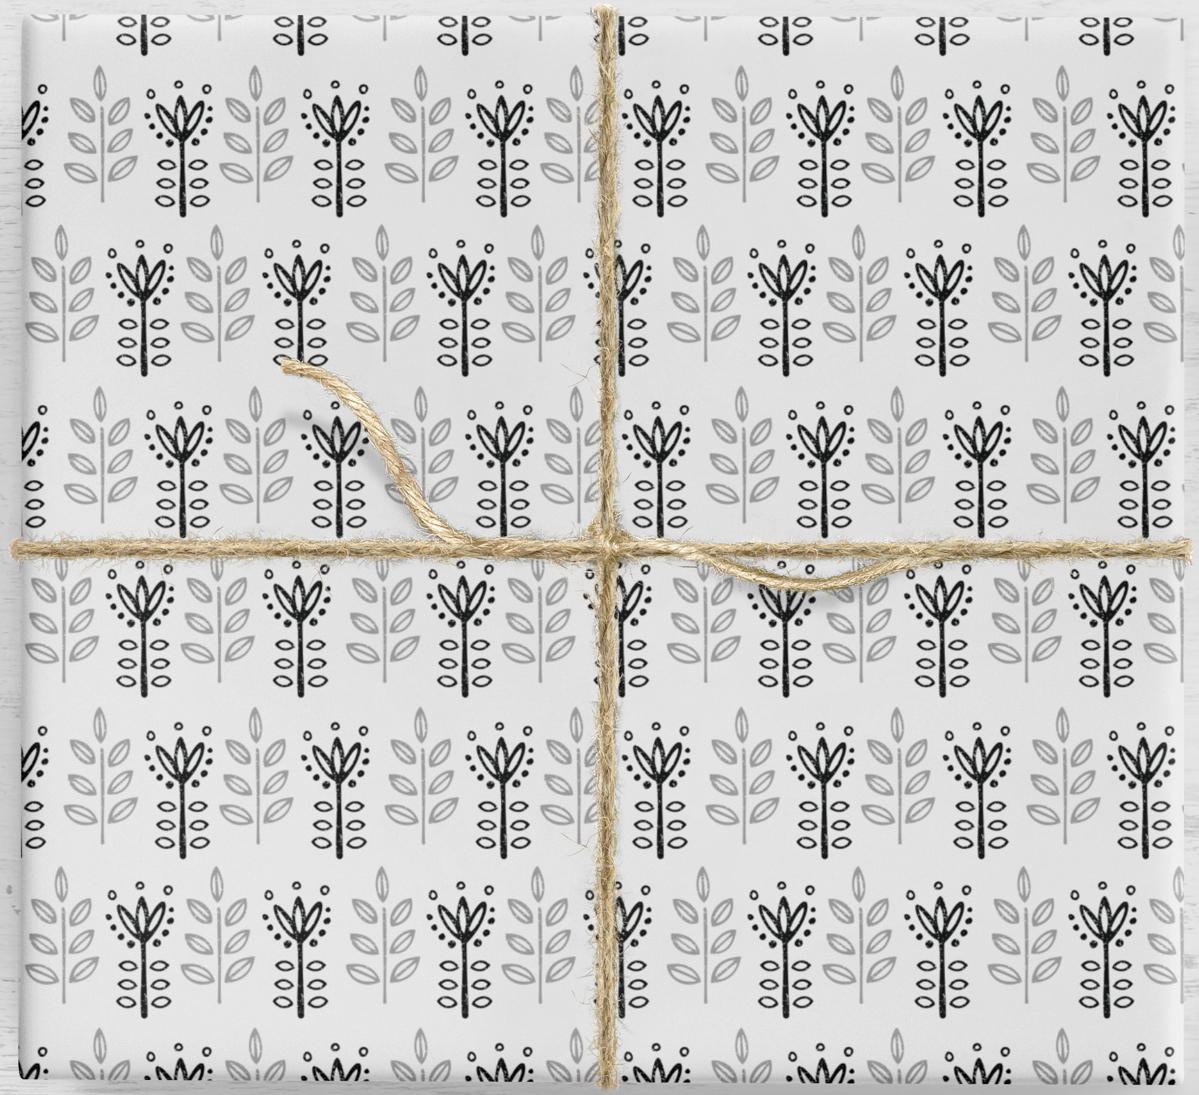 Crocus 10 listov darčekového baliaceho papiera